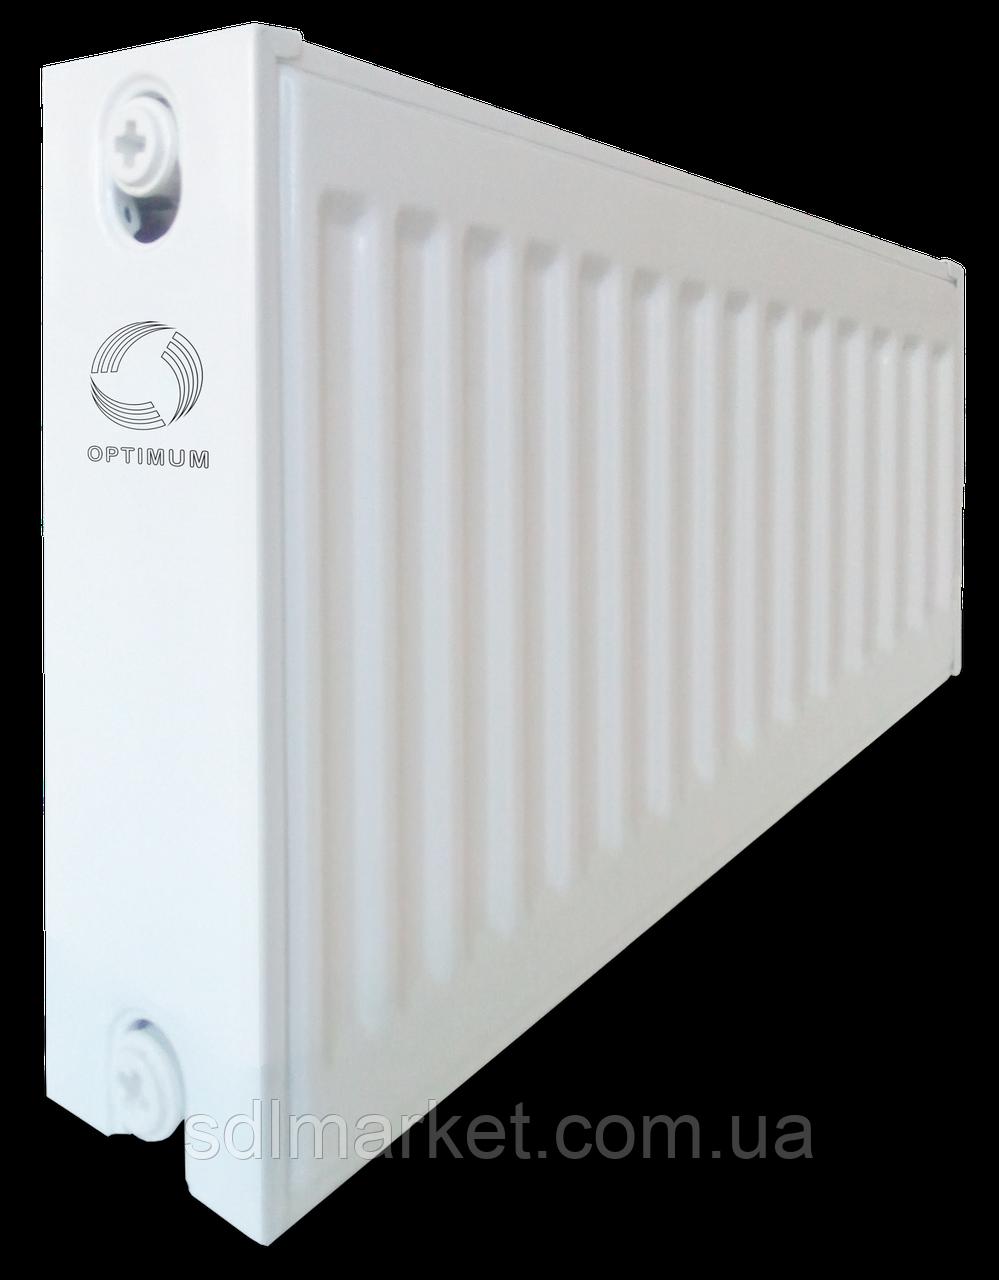 Радиатор стальной панельный OPTIMUM 22 низ 300х1200